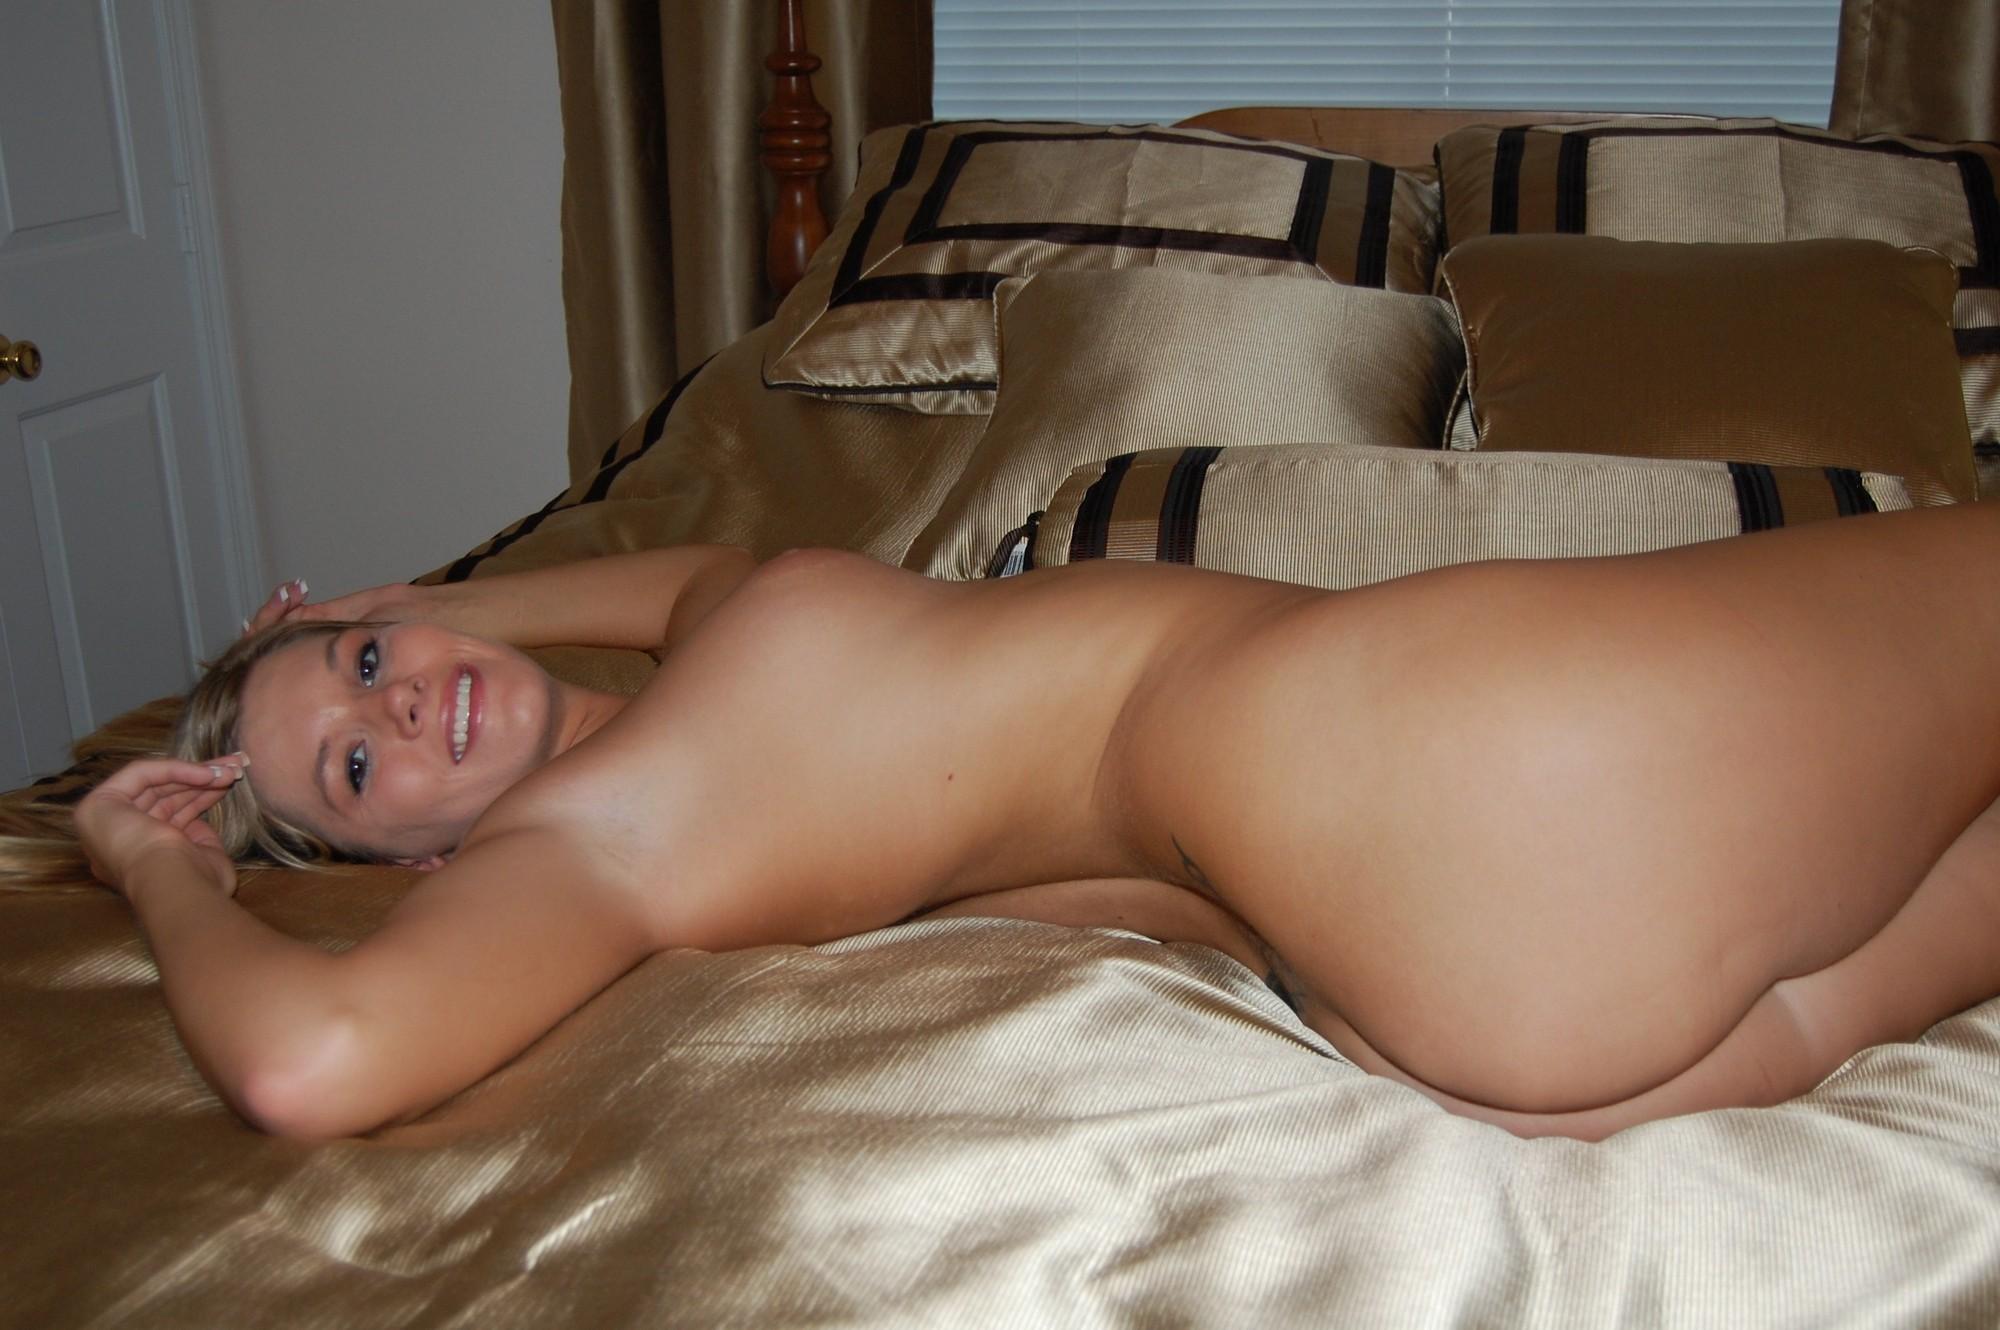 Голая блондинка дрочит член парню лежащему на кровати